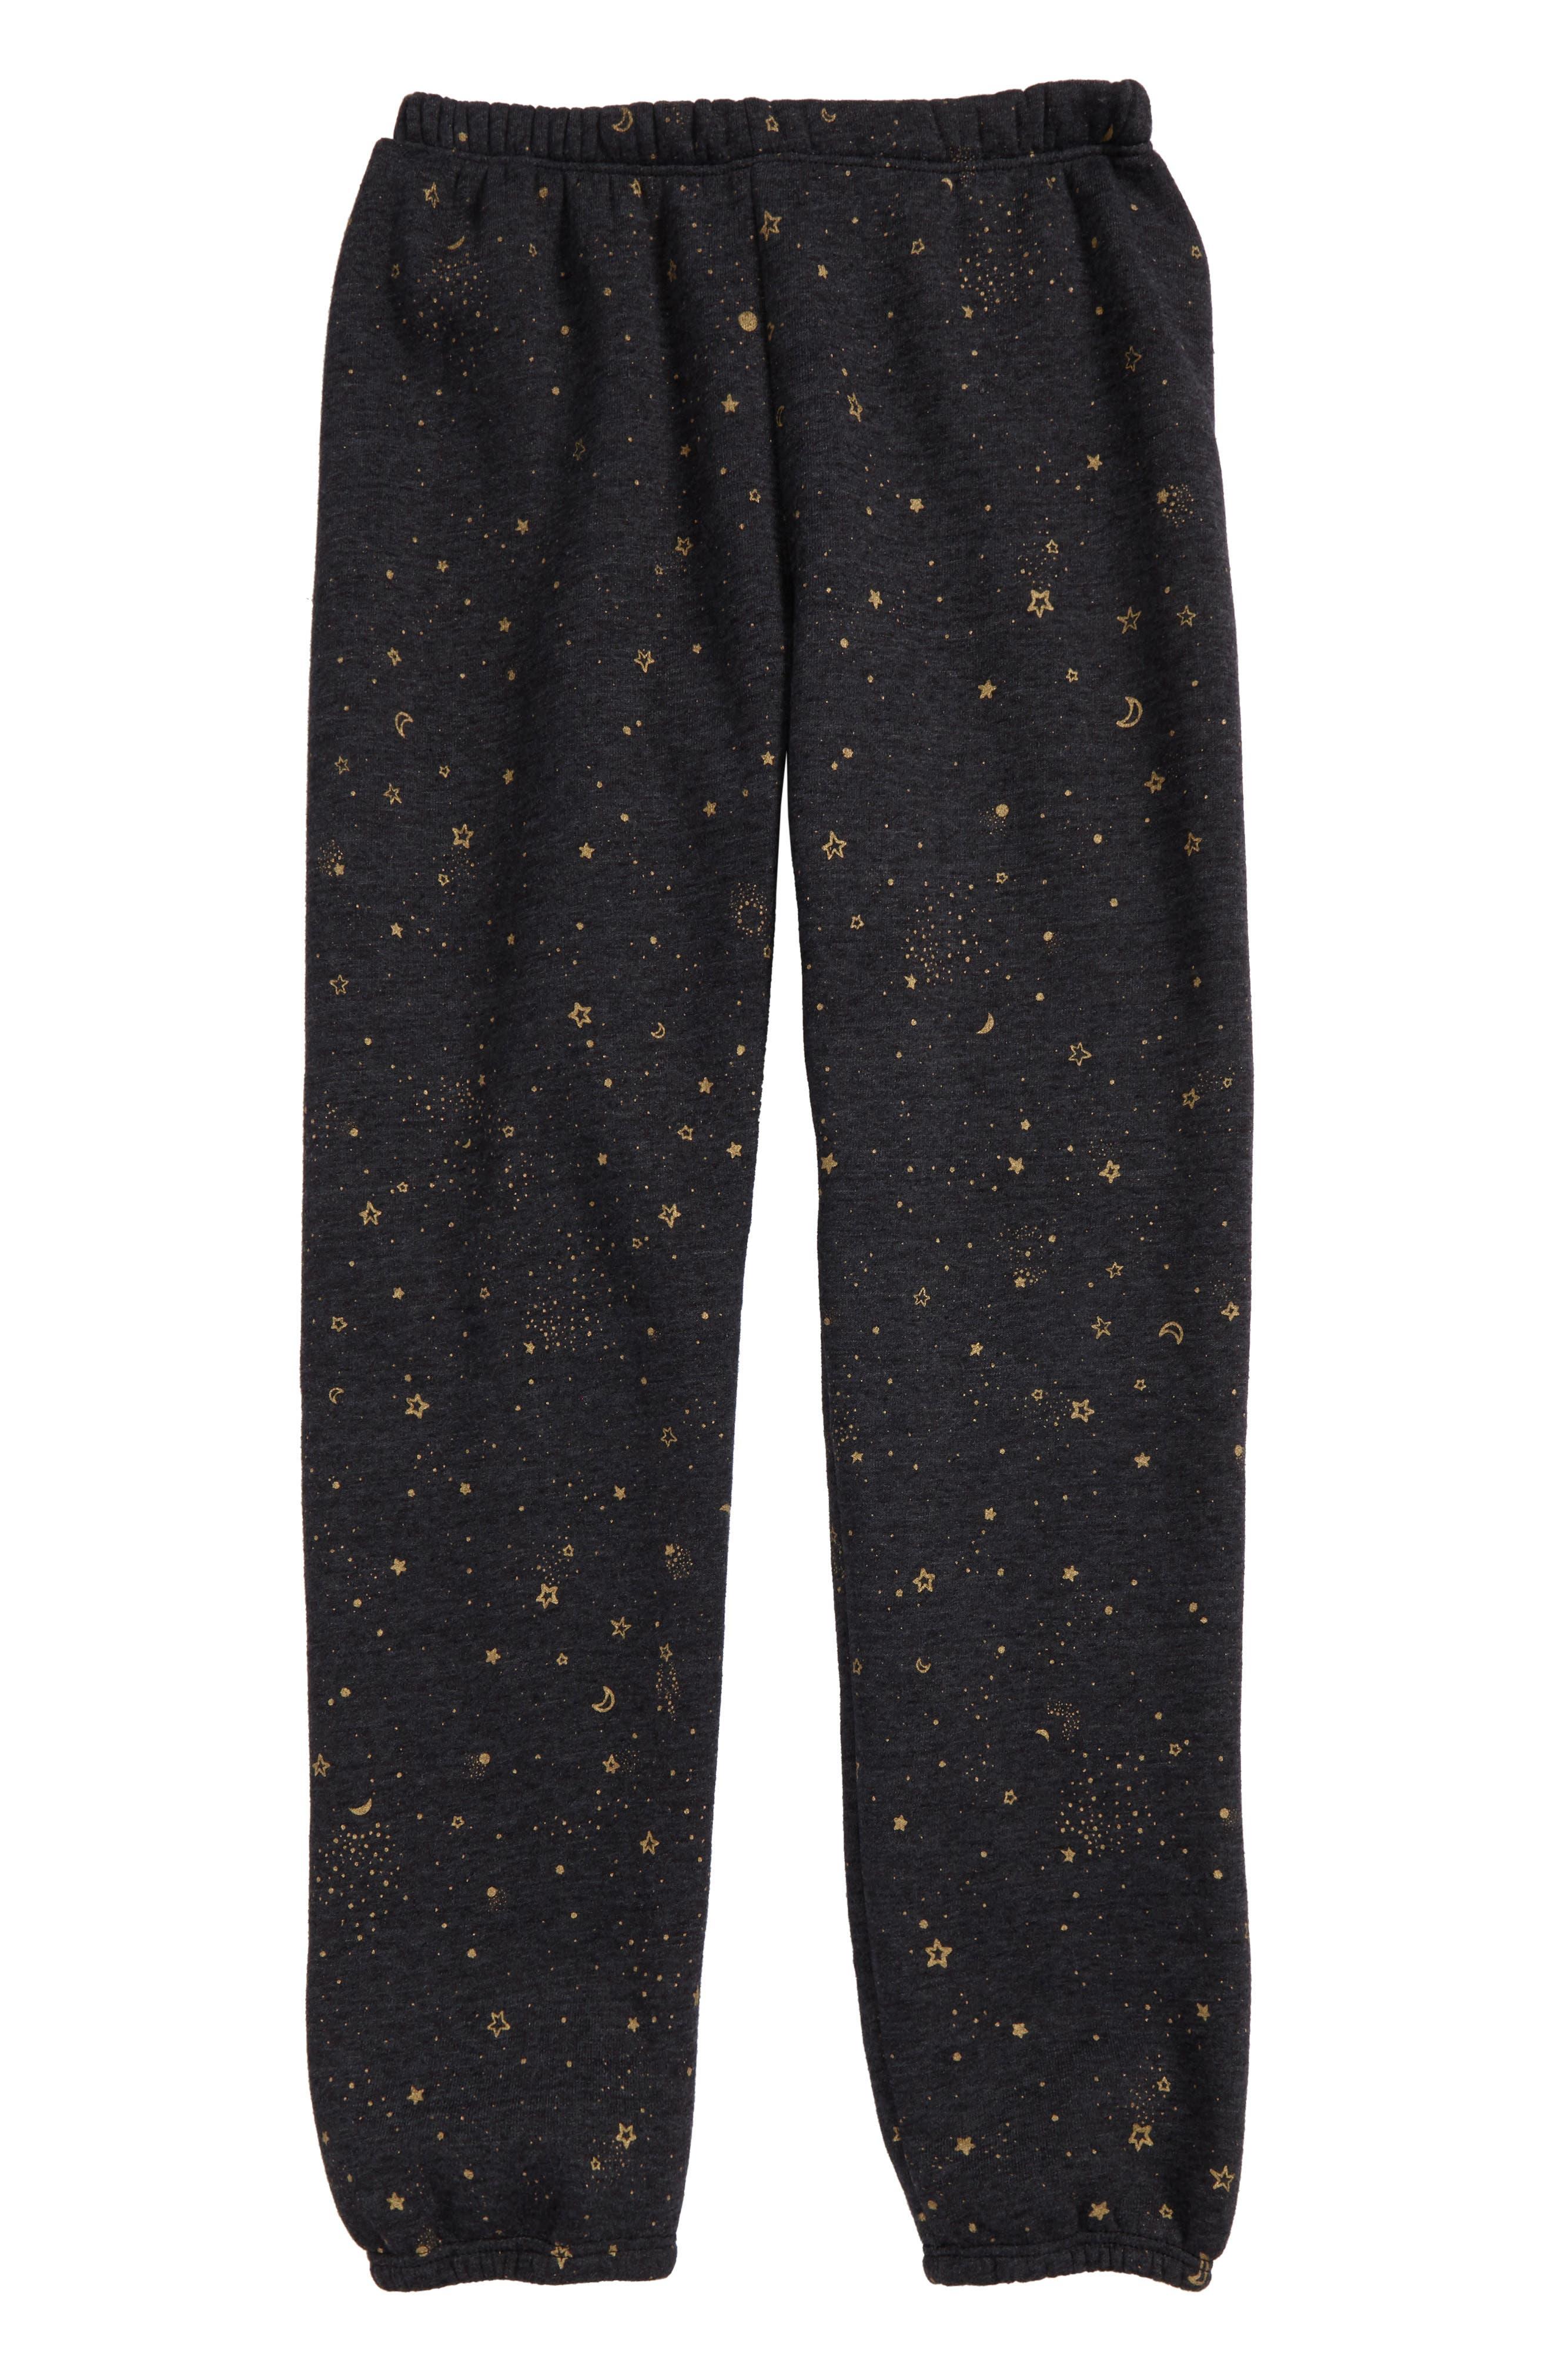 Stellar Print Sweatpants,                         Main,                         color, 003